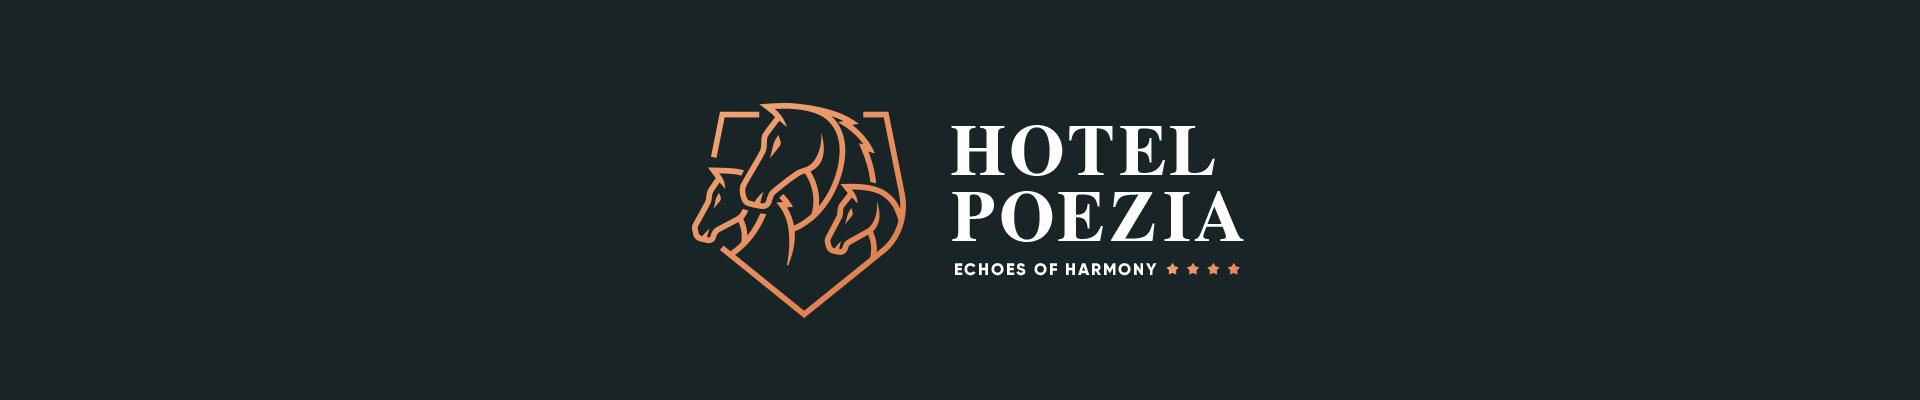 Hotel Poezia